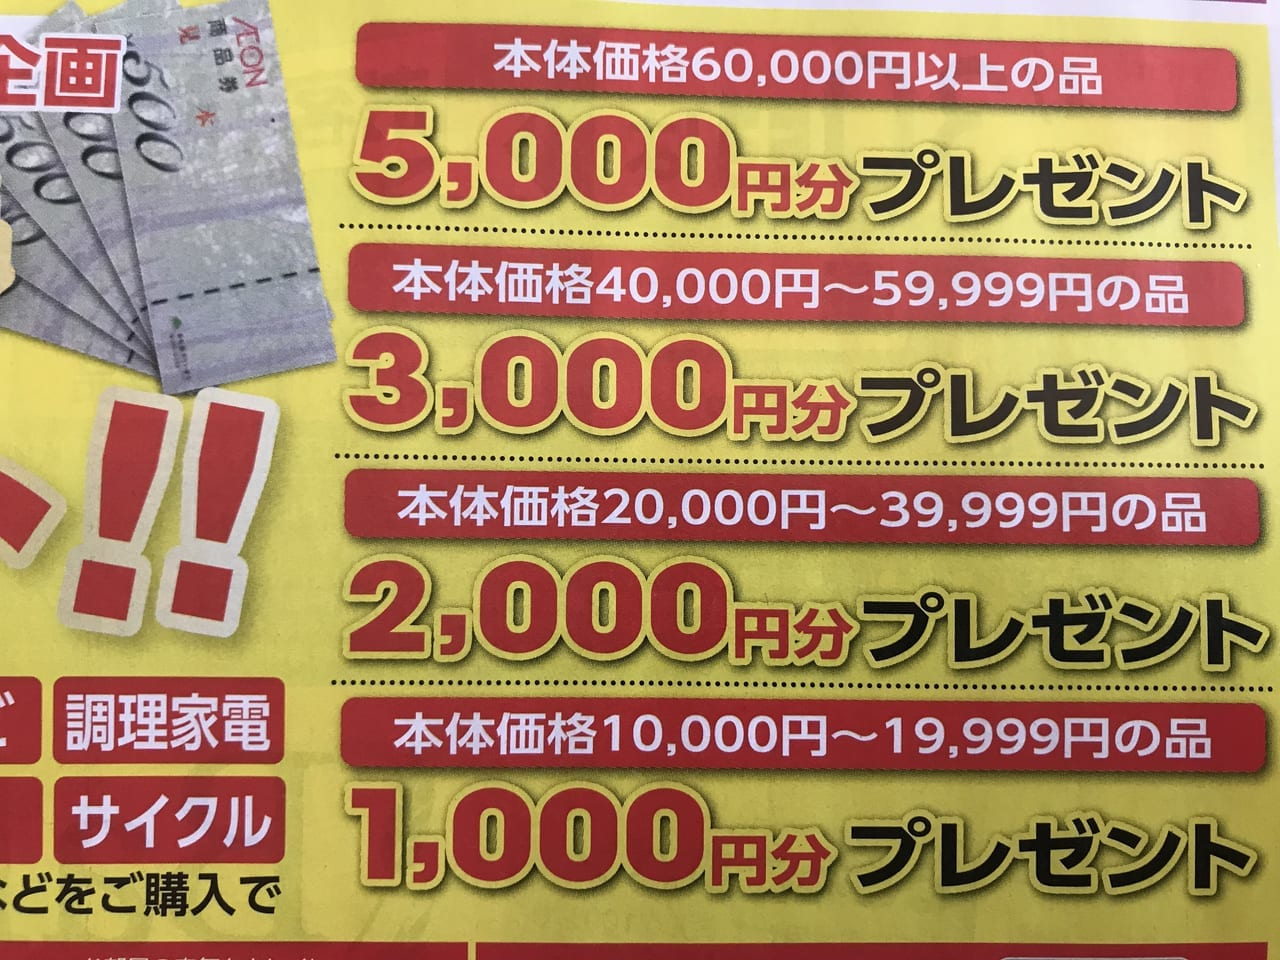 イオン大井店で商品券プレゼント